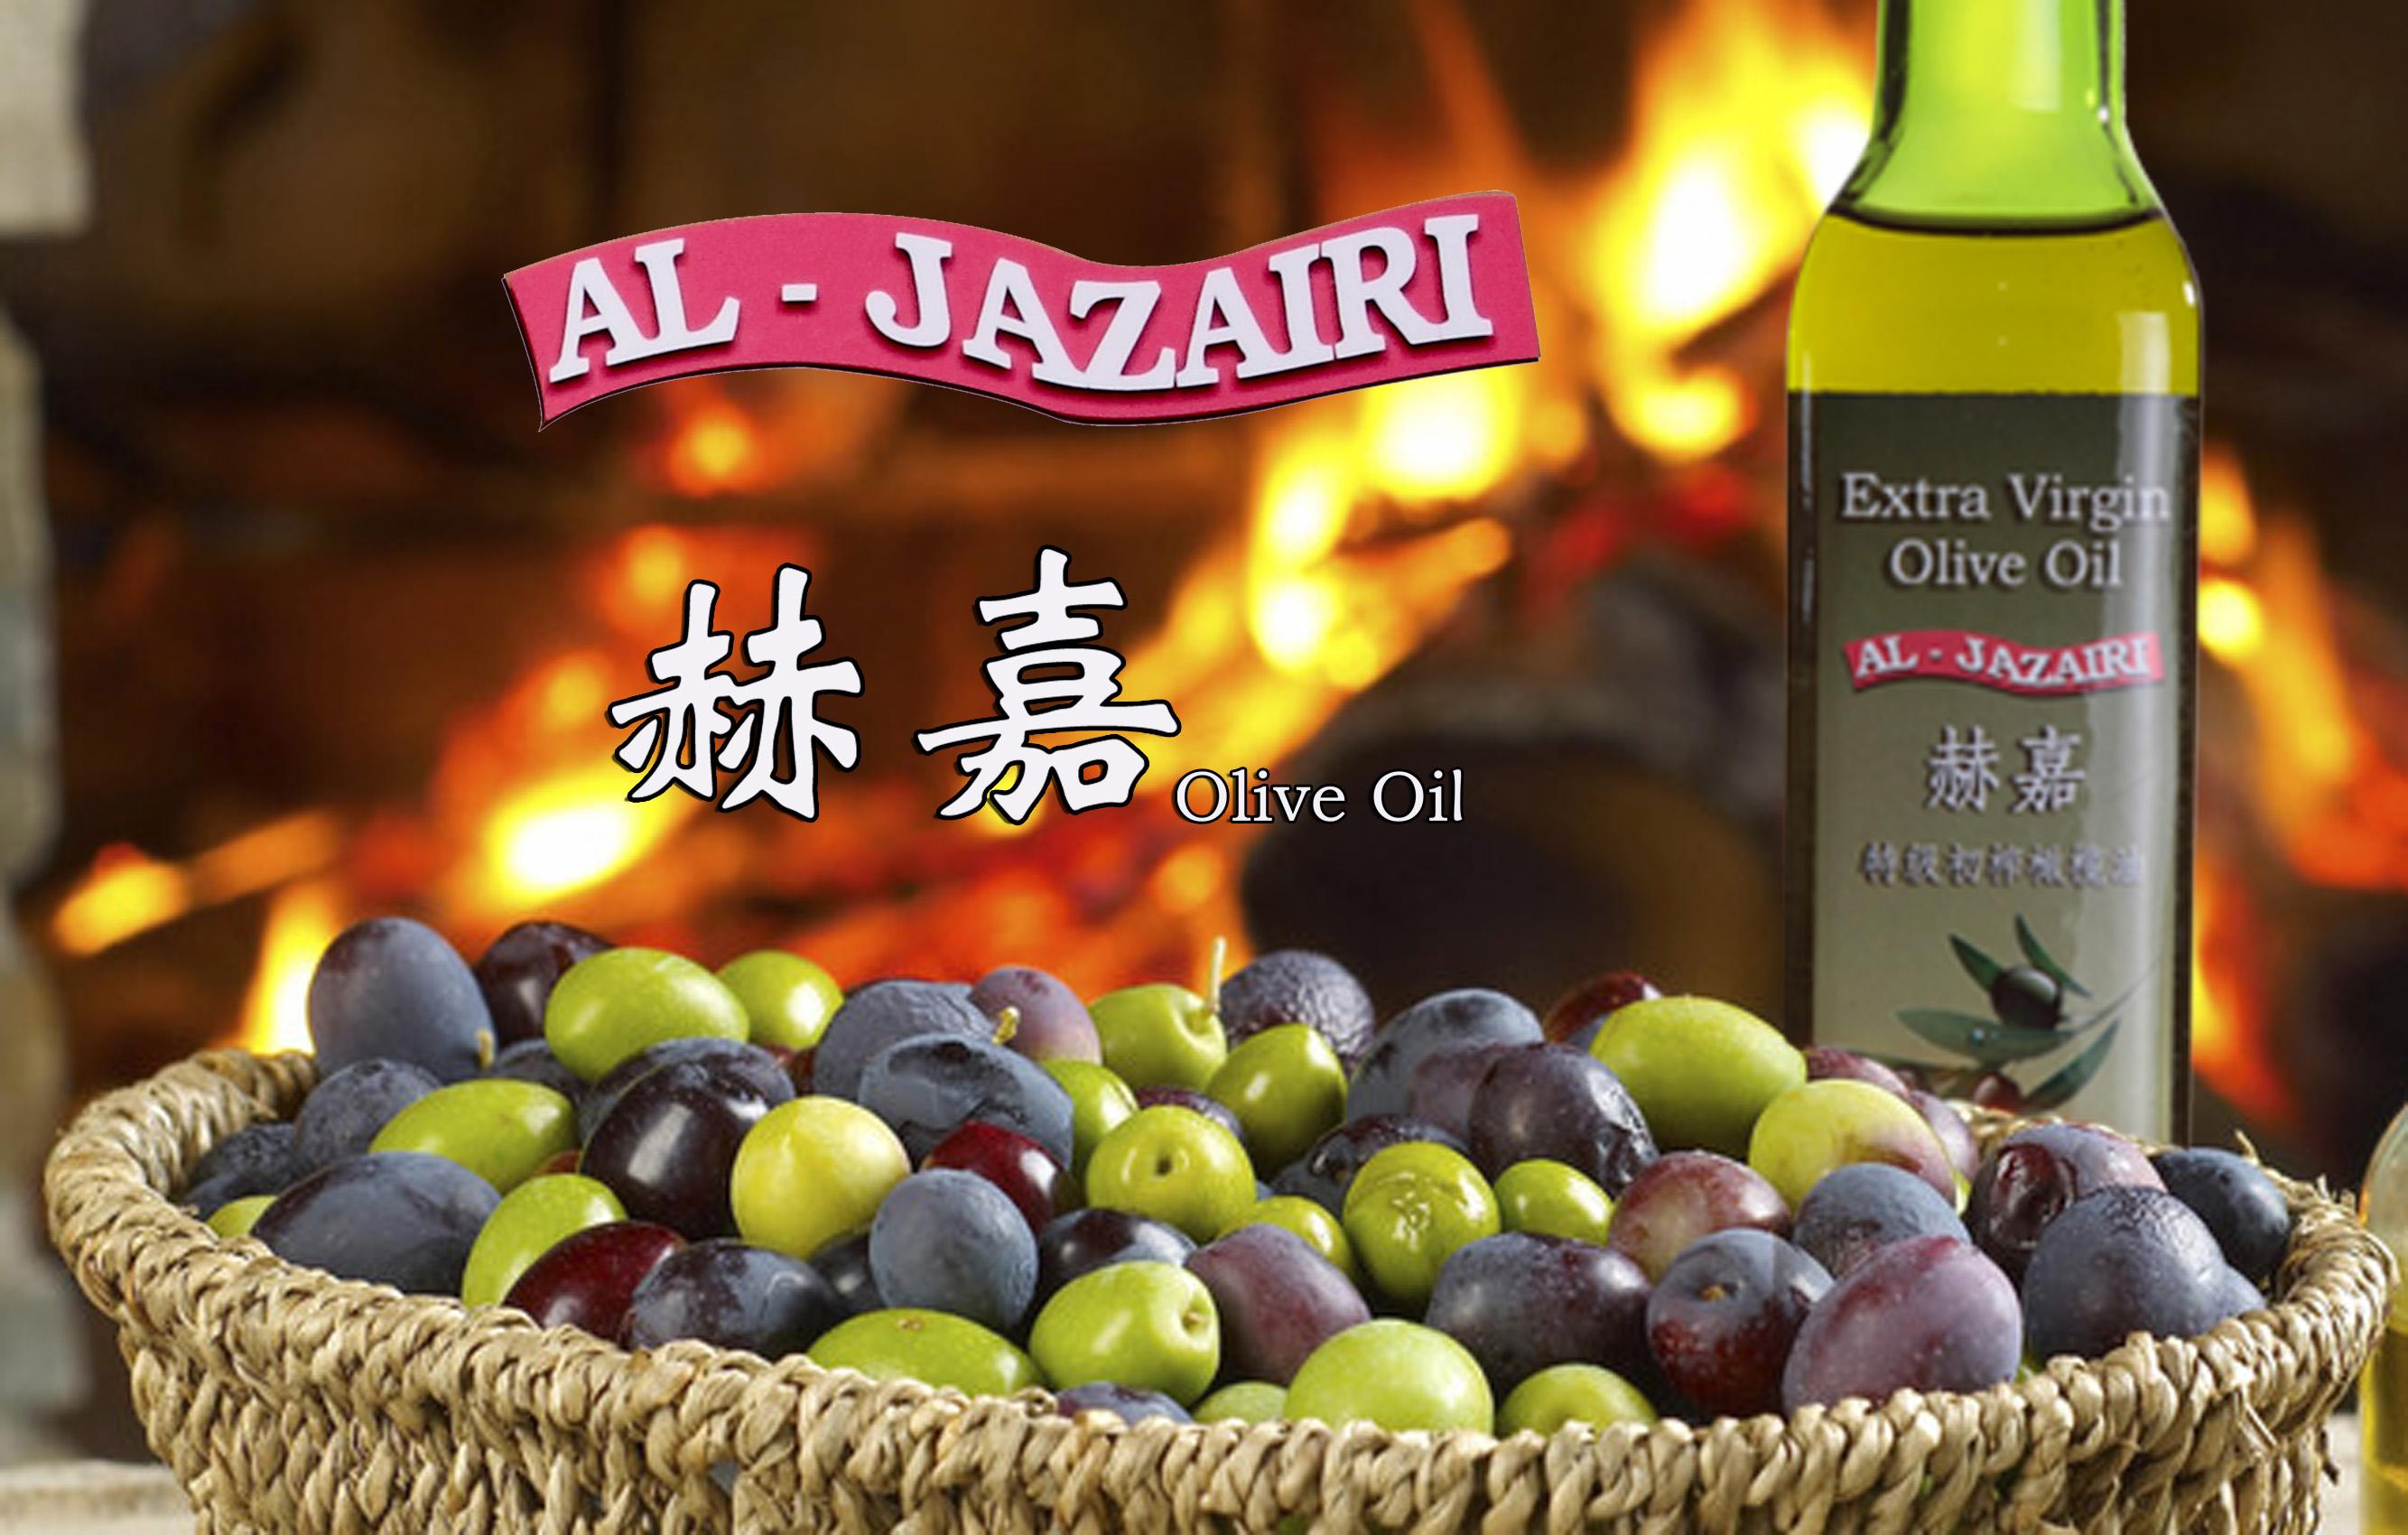 叙利亚作为橄榄油起源地,有适宜橄榄树生长的最佳的自然条件,从而保证